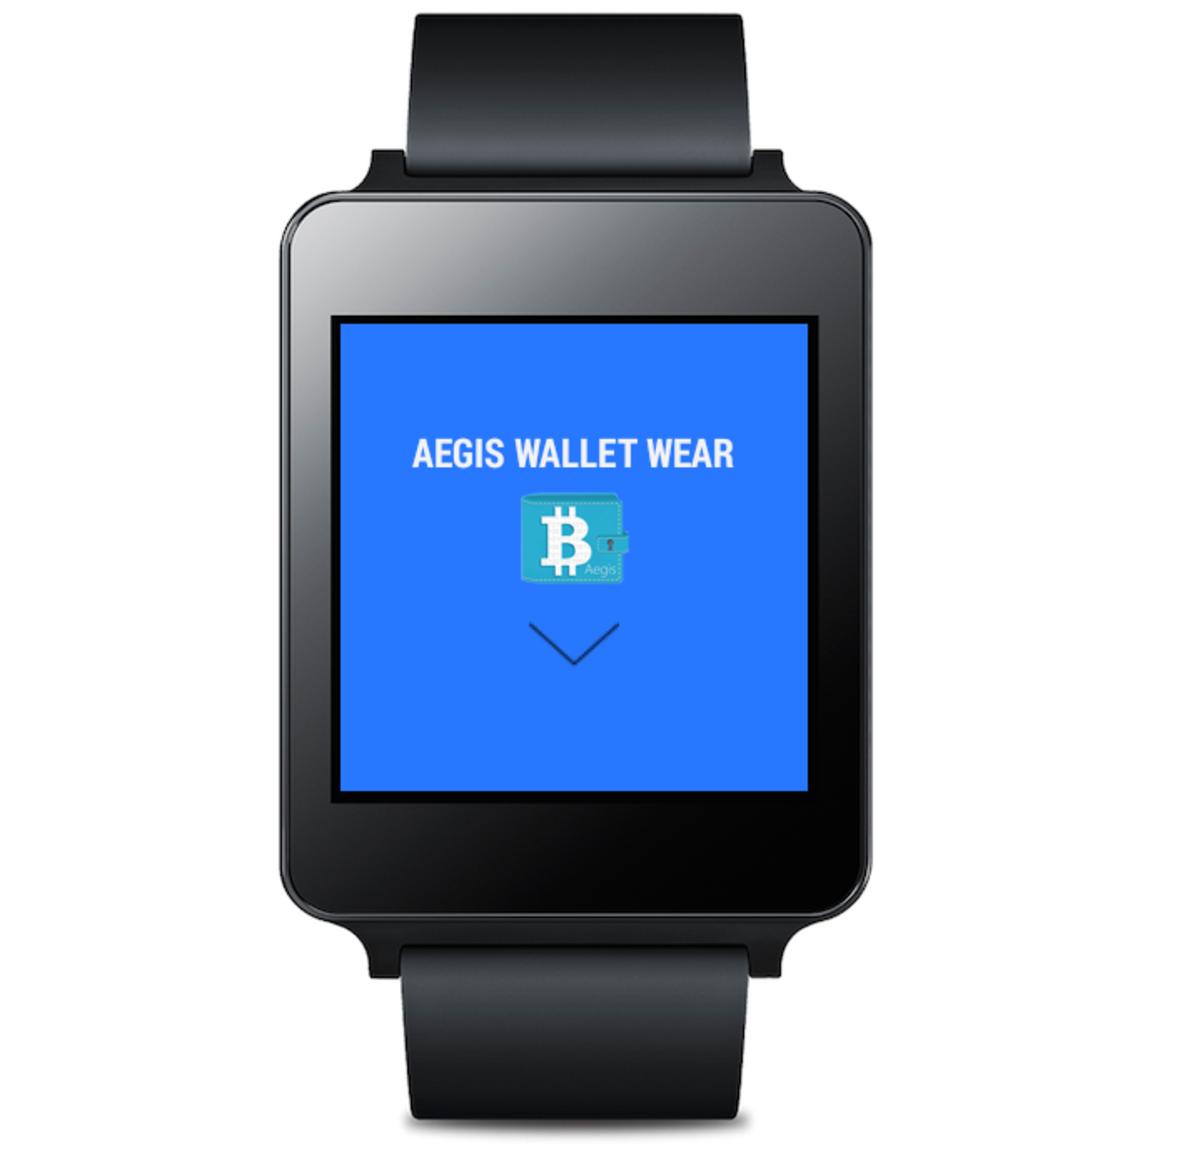 Op-ed - Aegis Wallet's Smartwatch Support